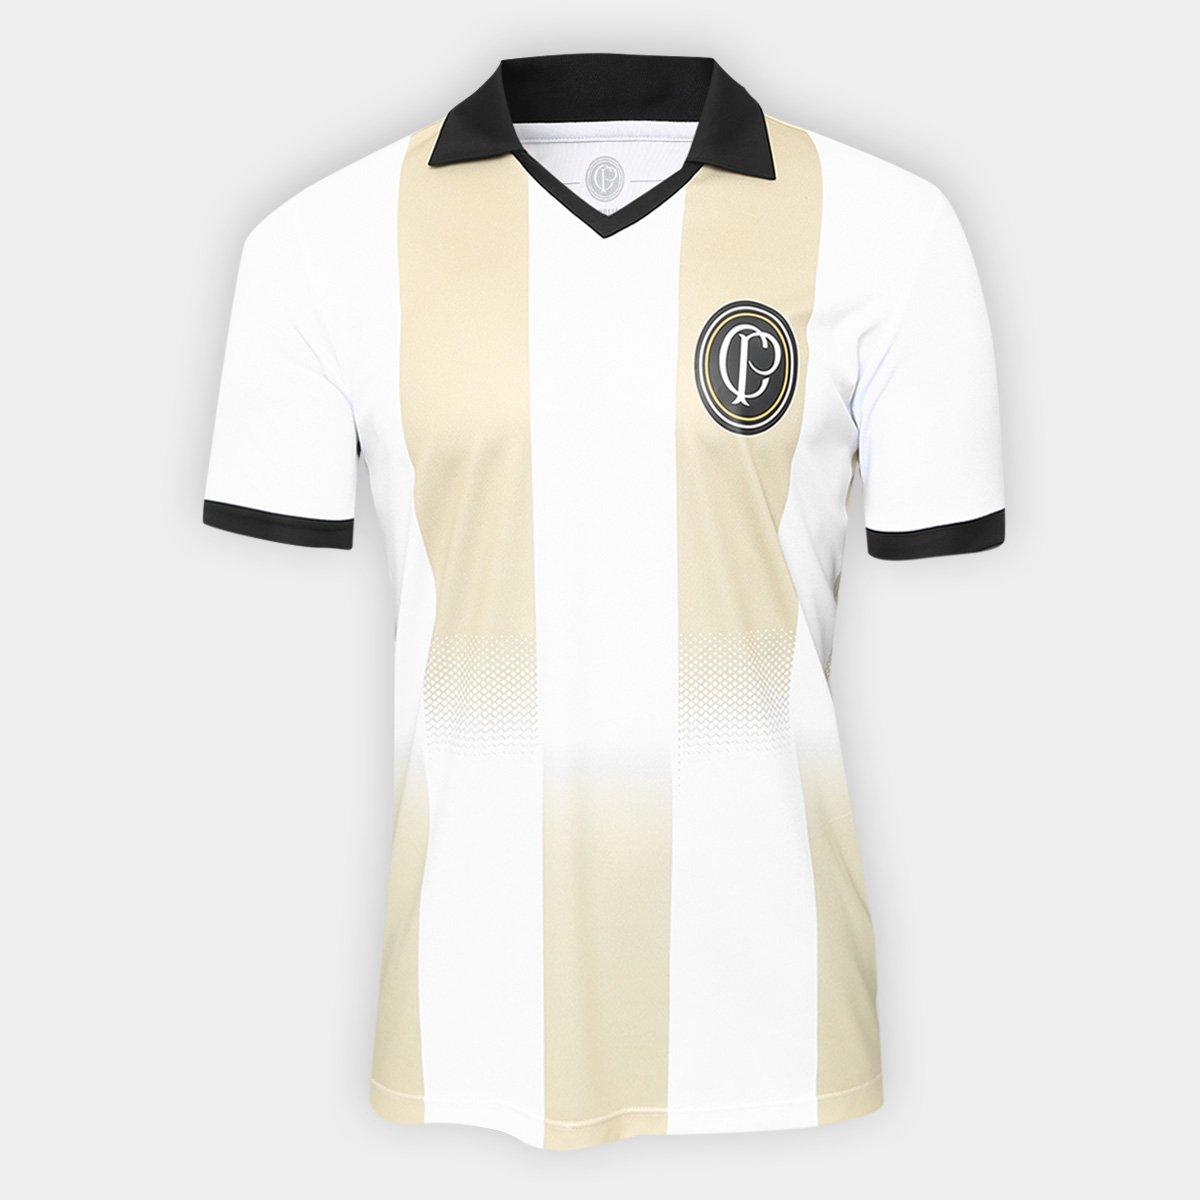 8c952ad8125 Camisa Corinthians n° 9 Centenário - Edição Limitada Masculina - Branco e  Preto - Compre Agora